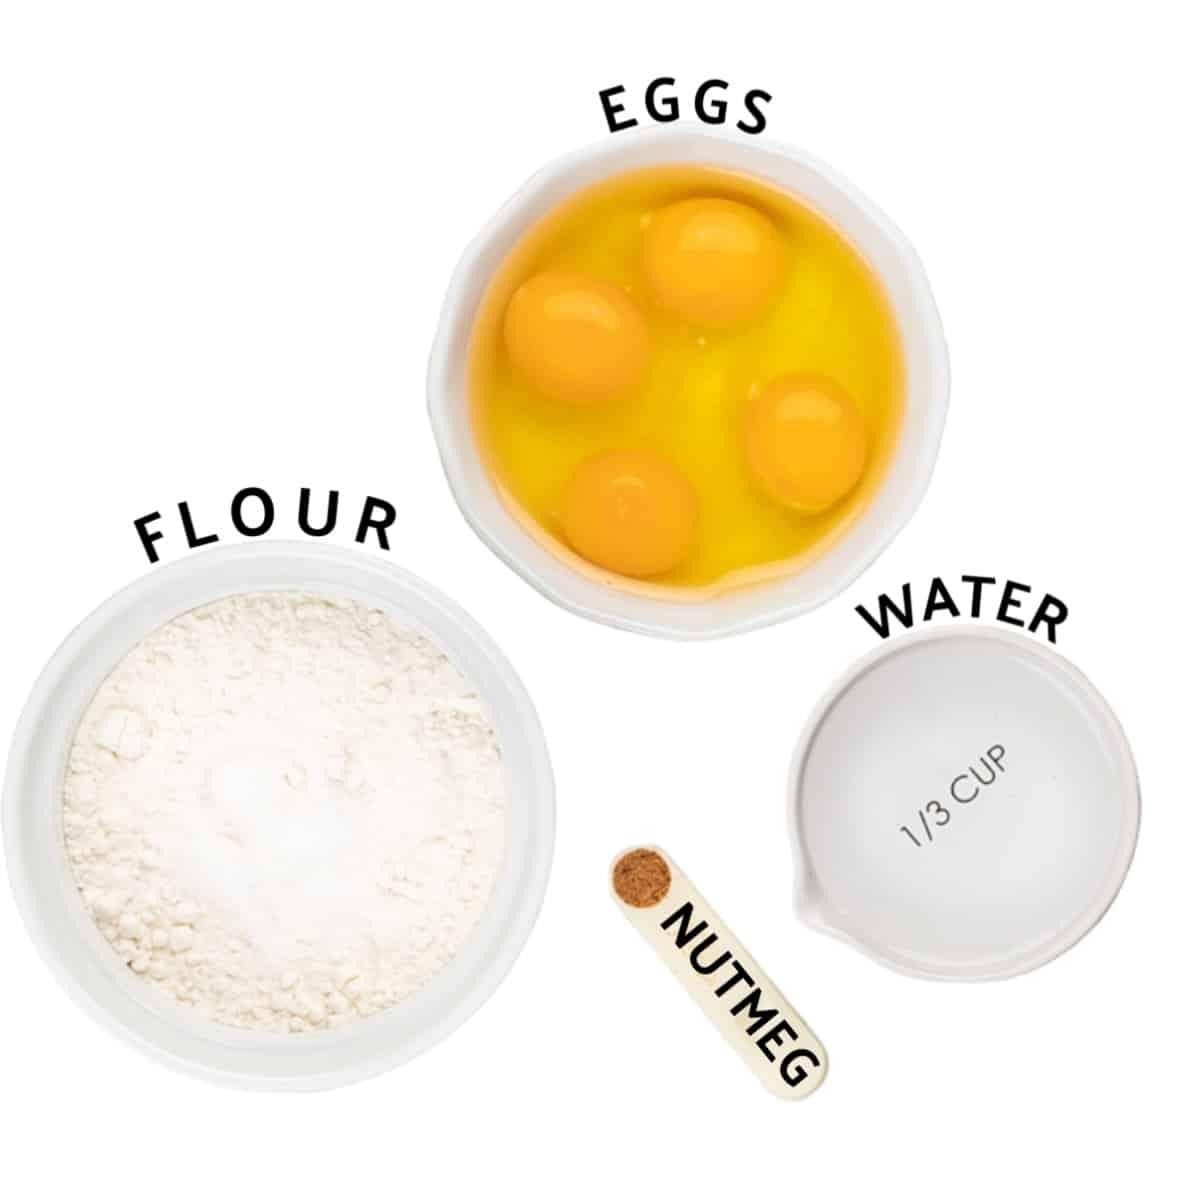 Ingredients needed to make German spaetzle (egg noodles)